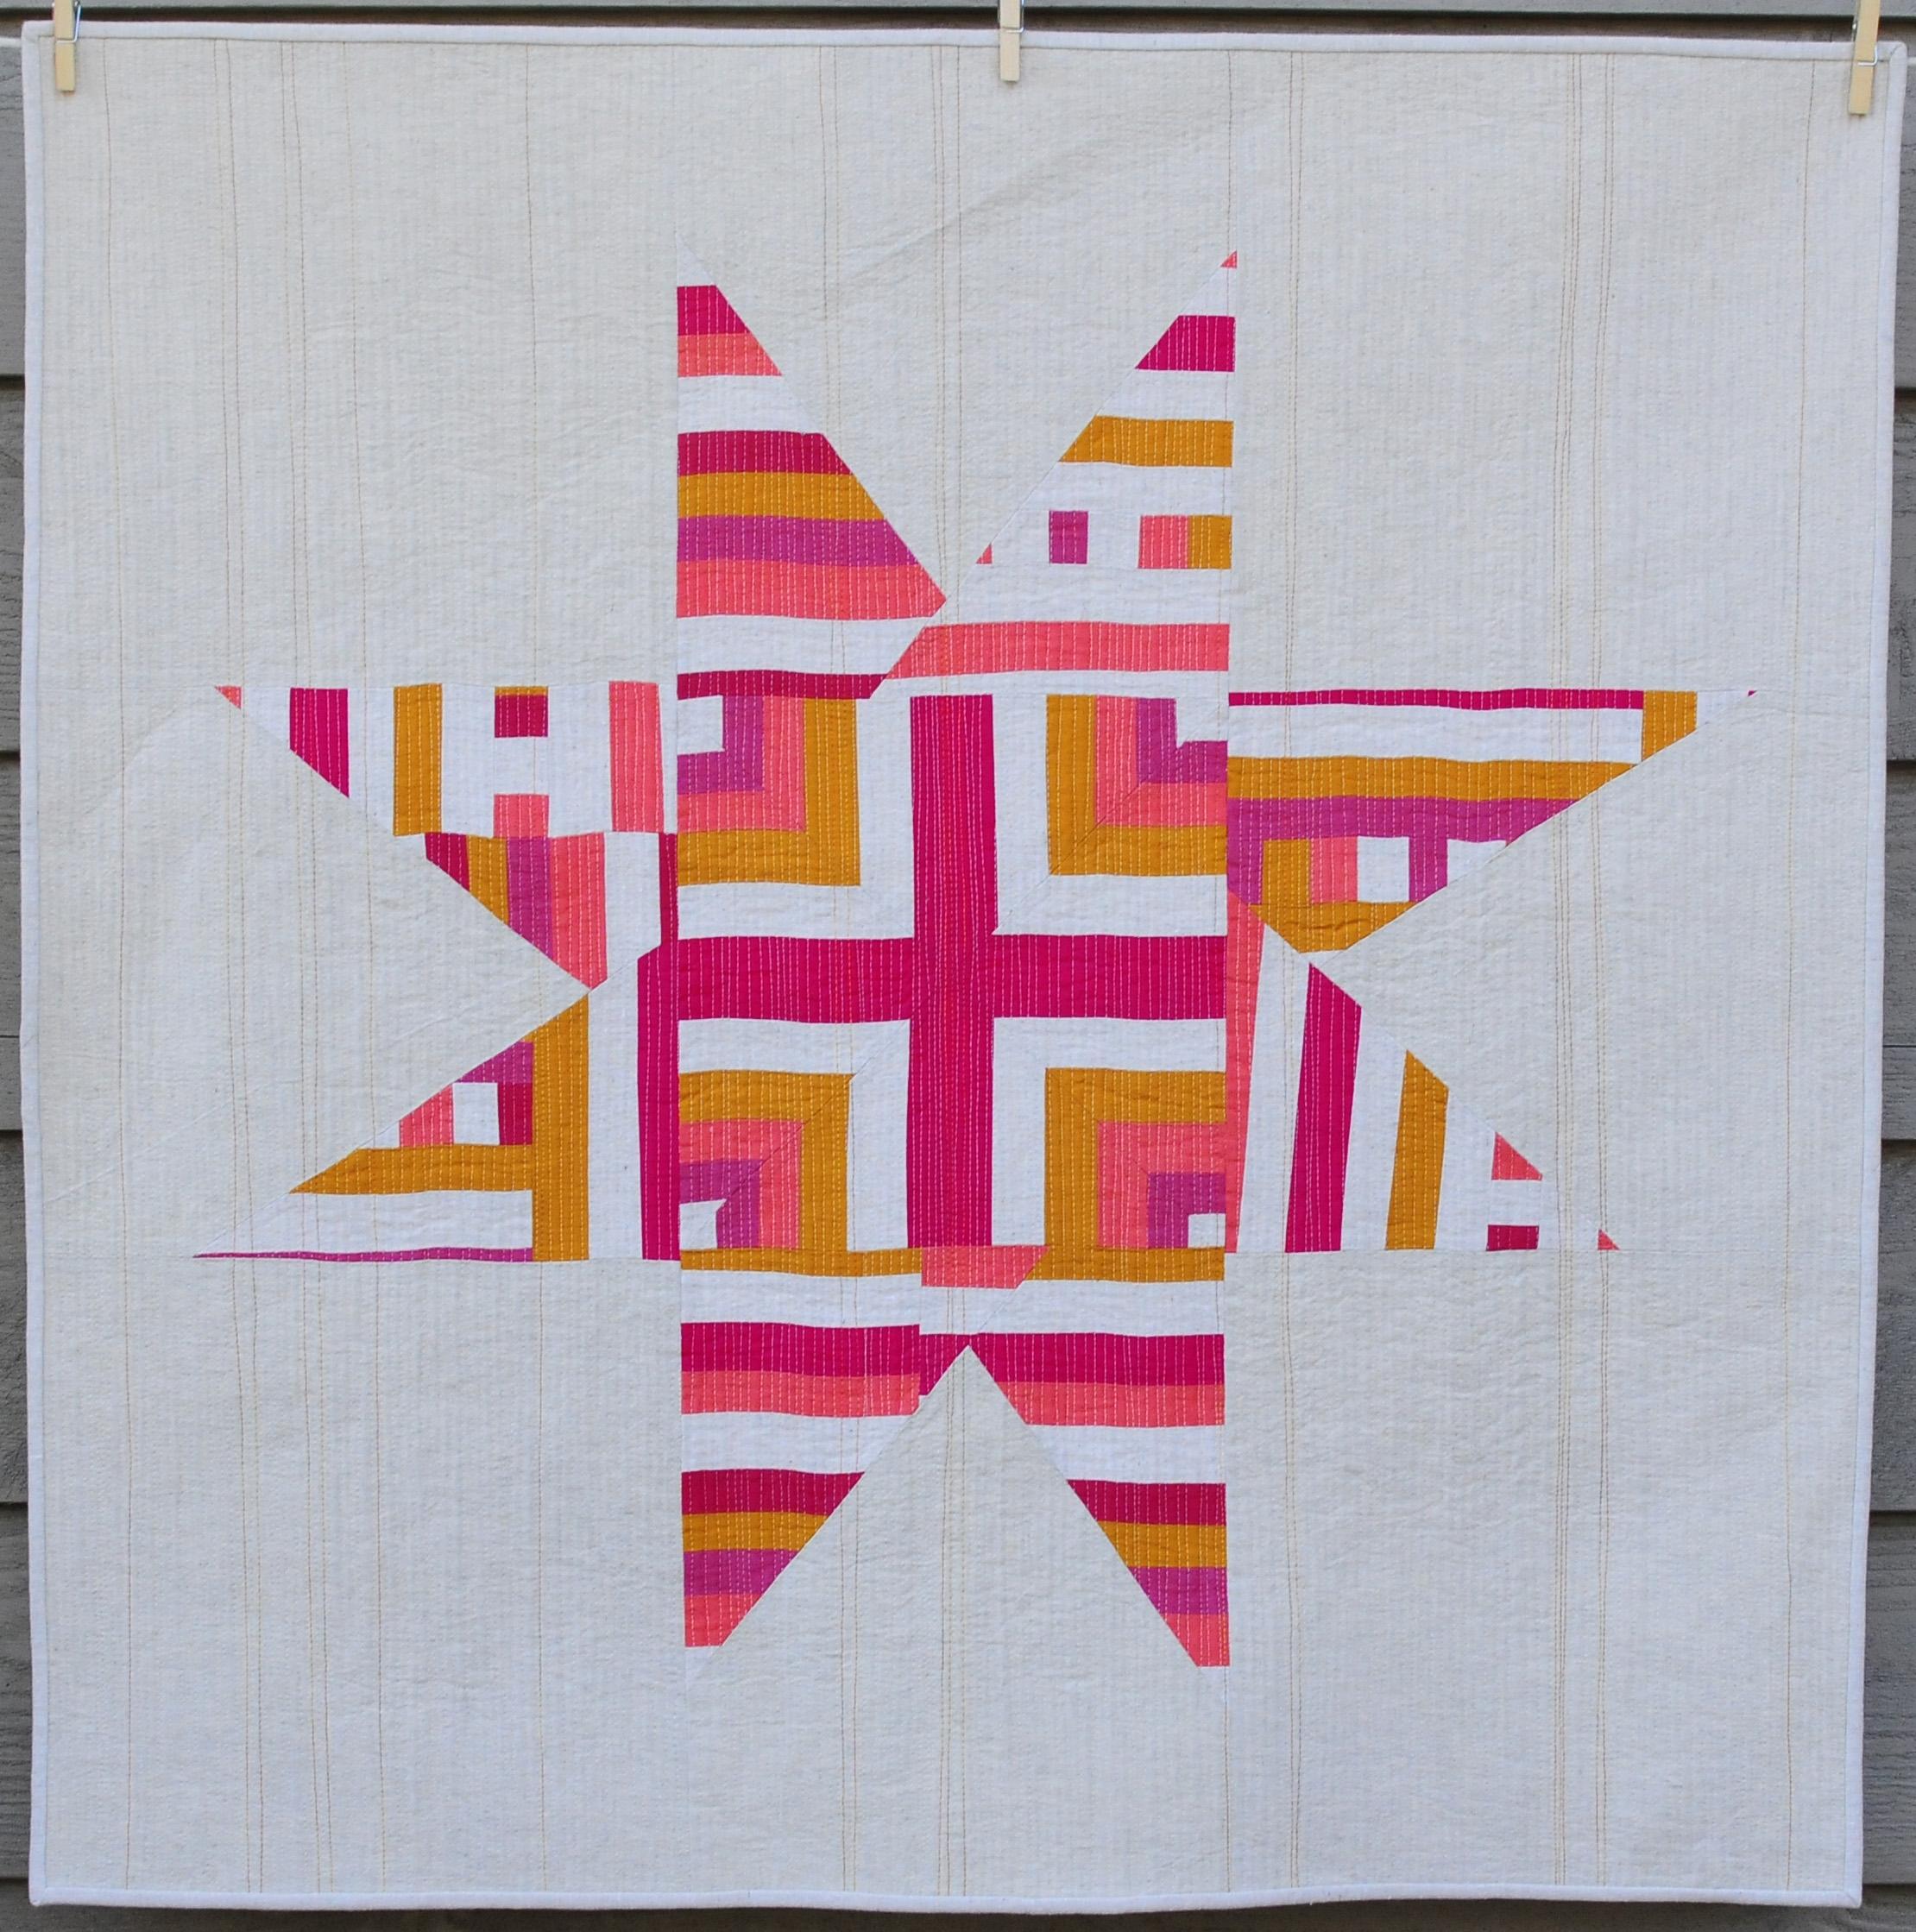 Fruity Star-Crossed Strings, 38x38